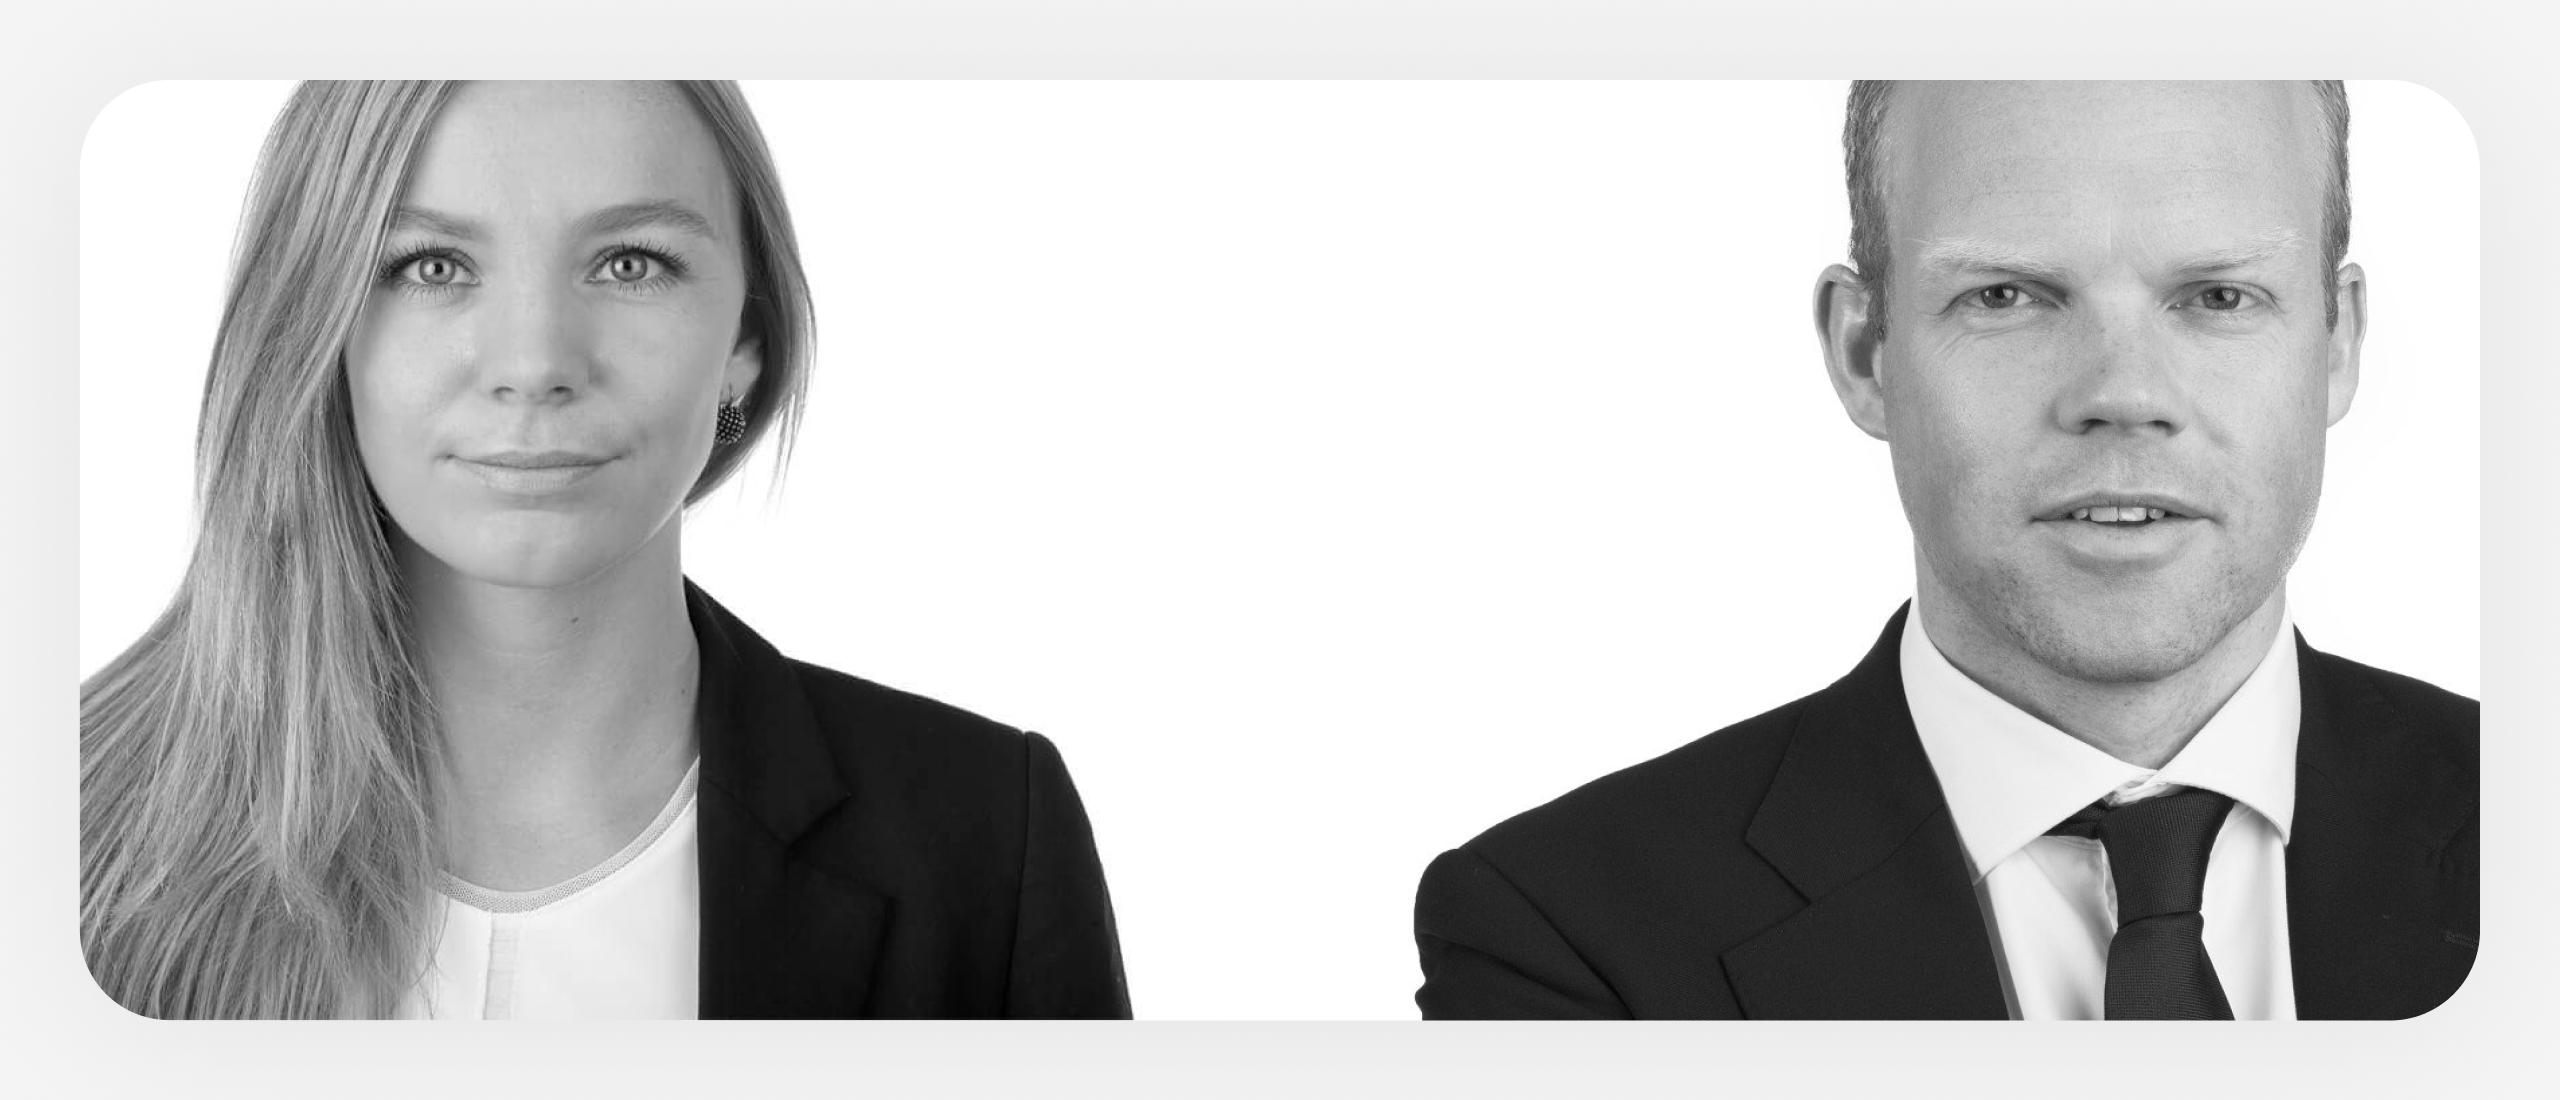 De Wet Affectieschade | Chantal van der Roest & Jasper Keizer | TVP2020/2